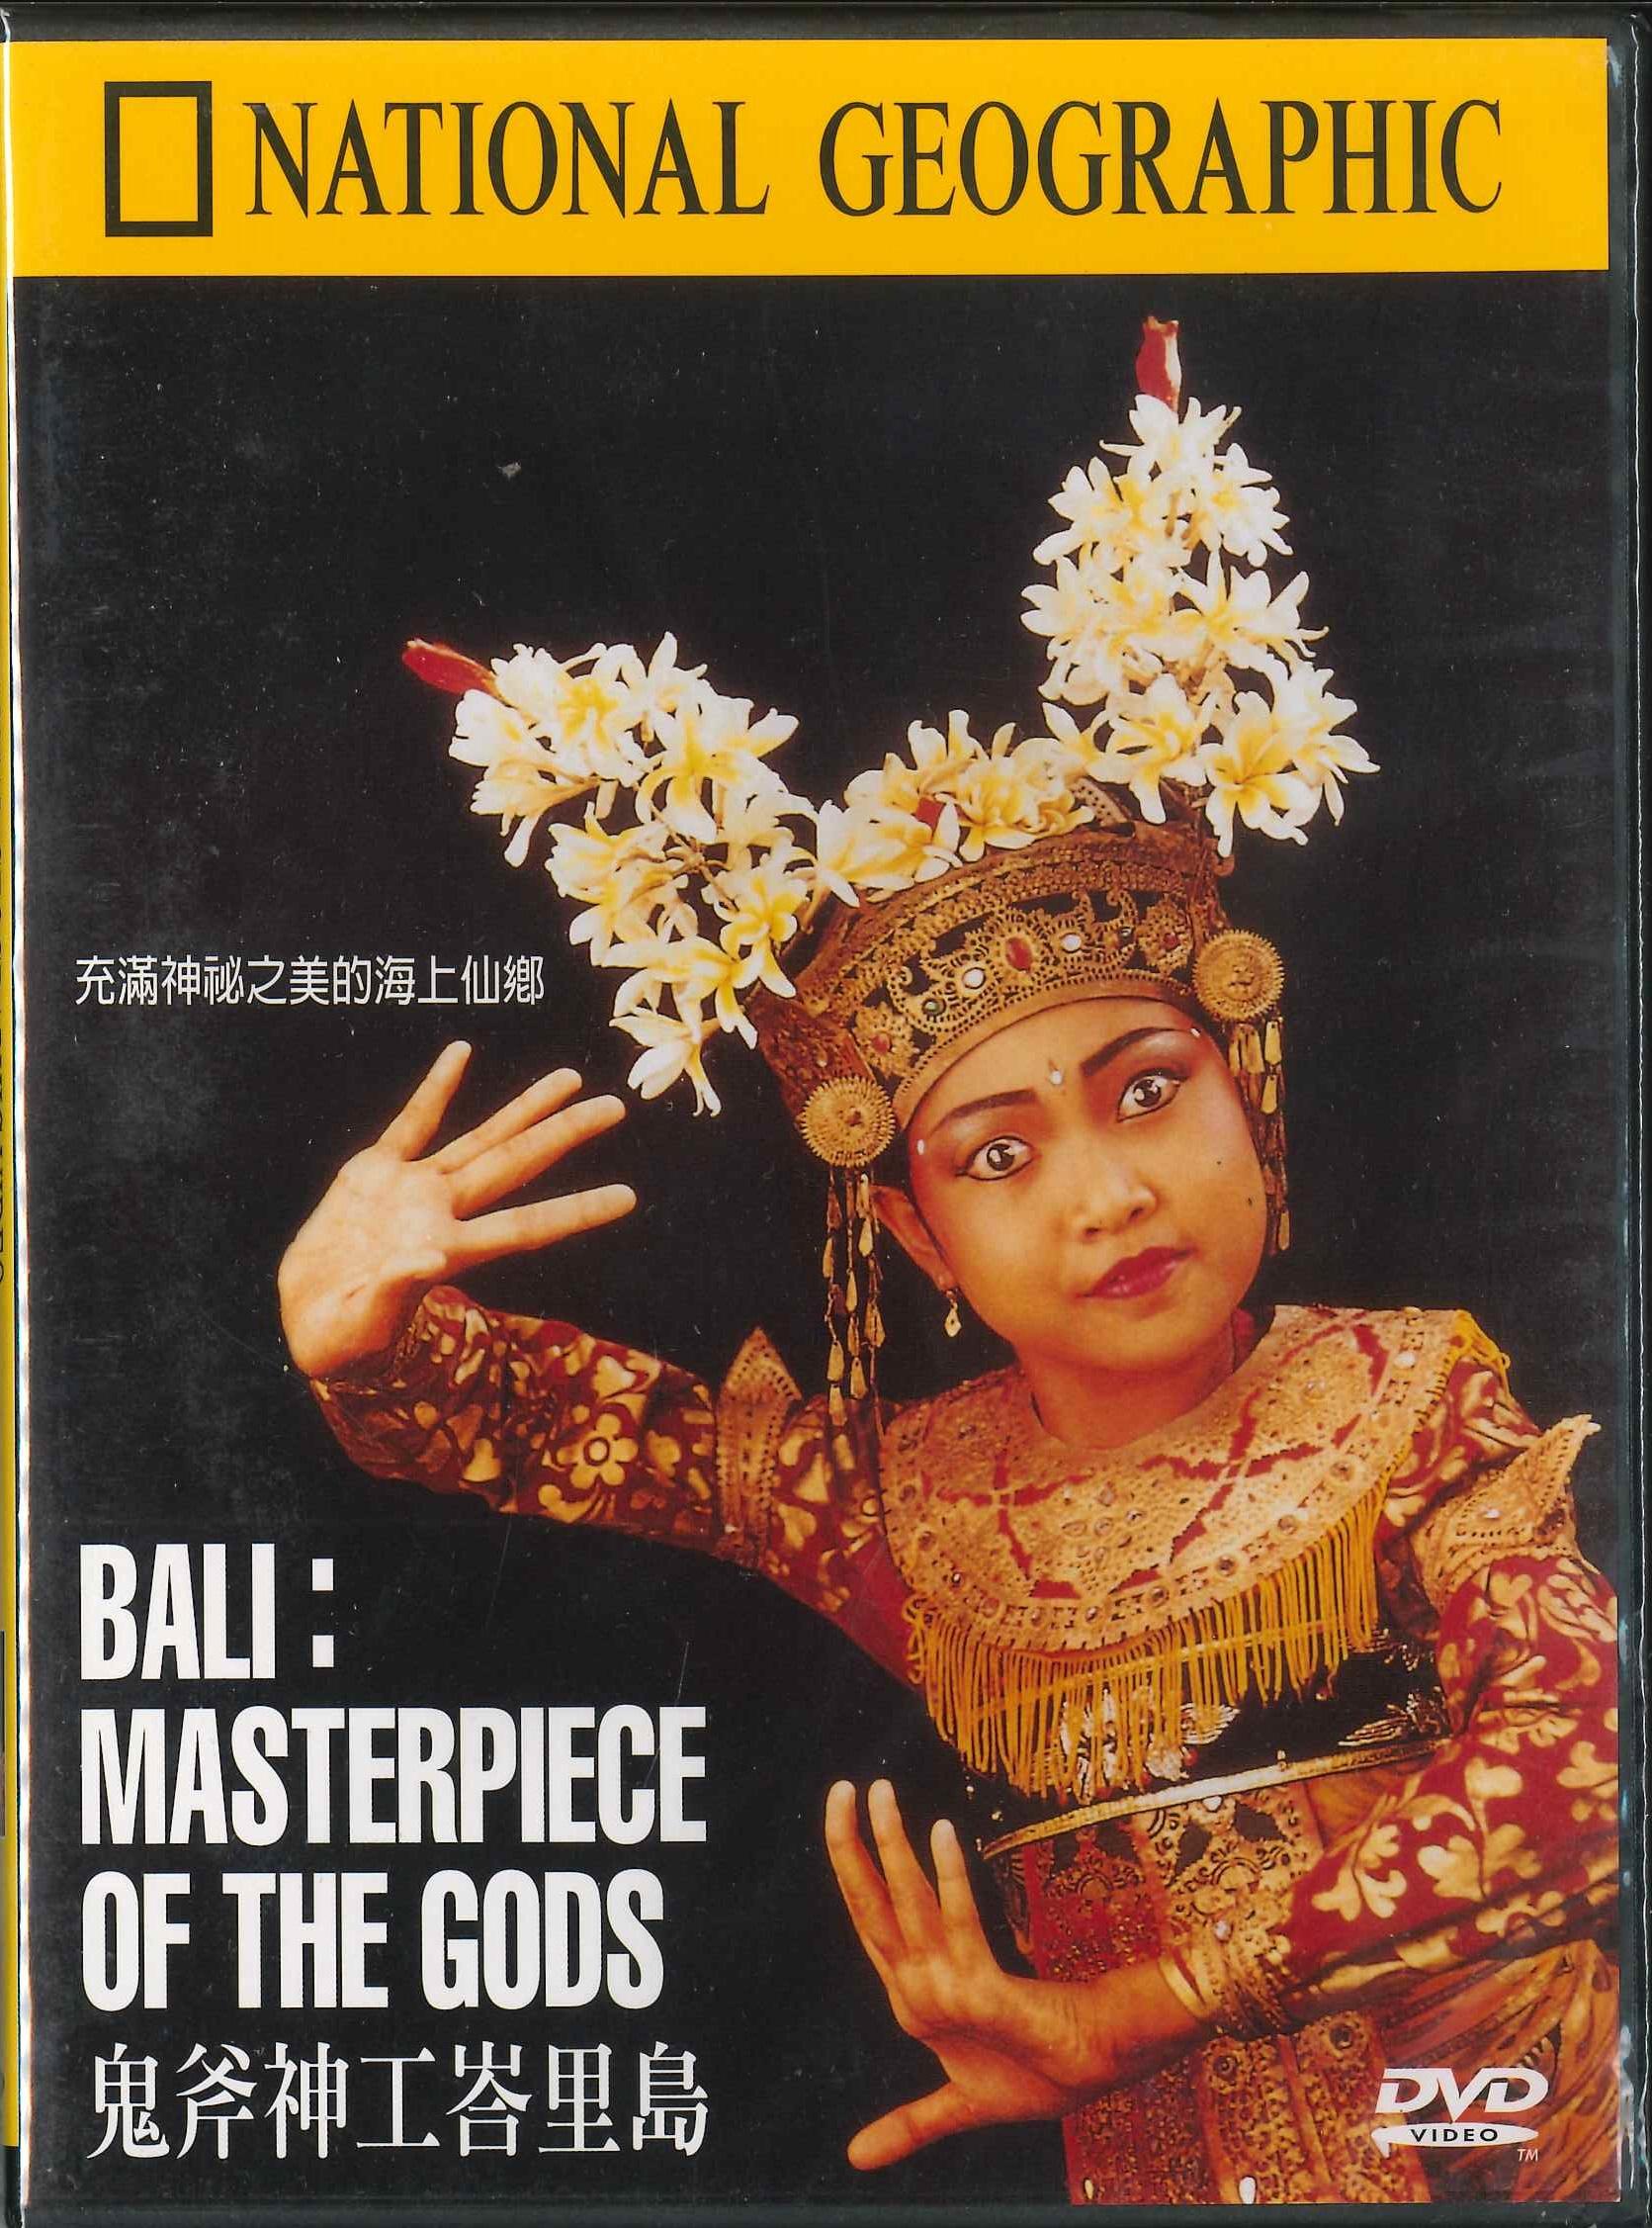 鬼斧神工峇里島 [錄影資料]=Bali: masterpiece of the gods